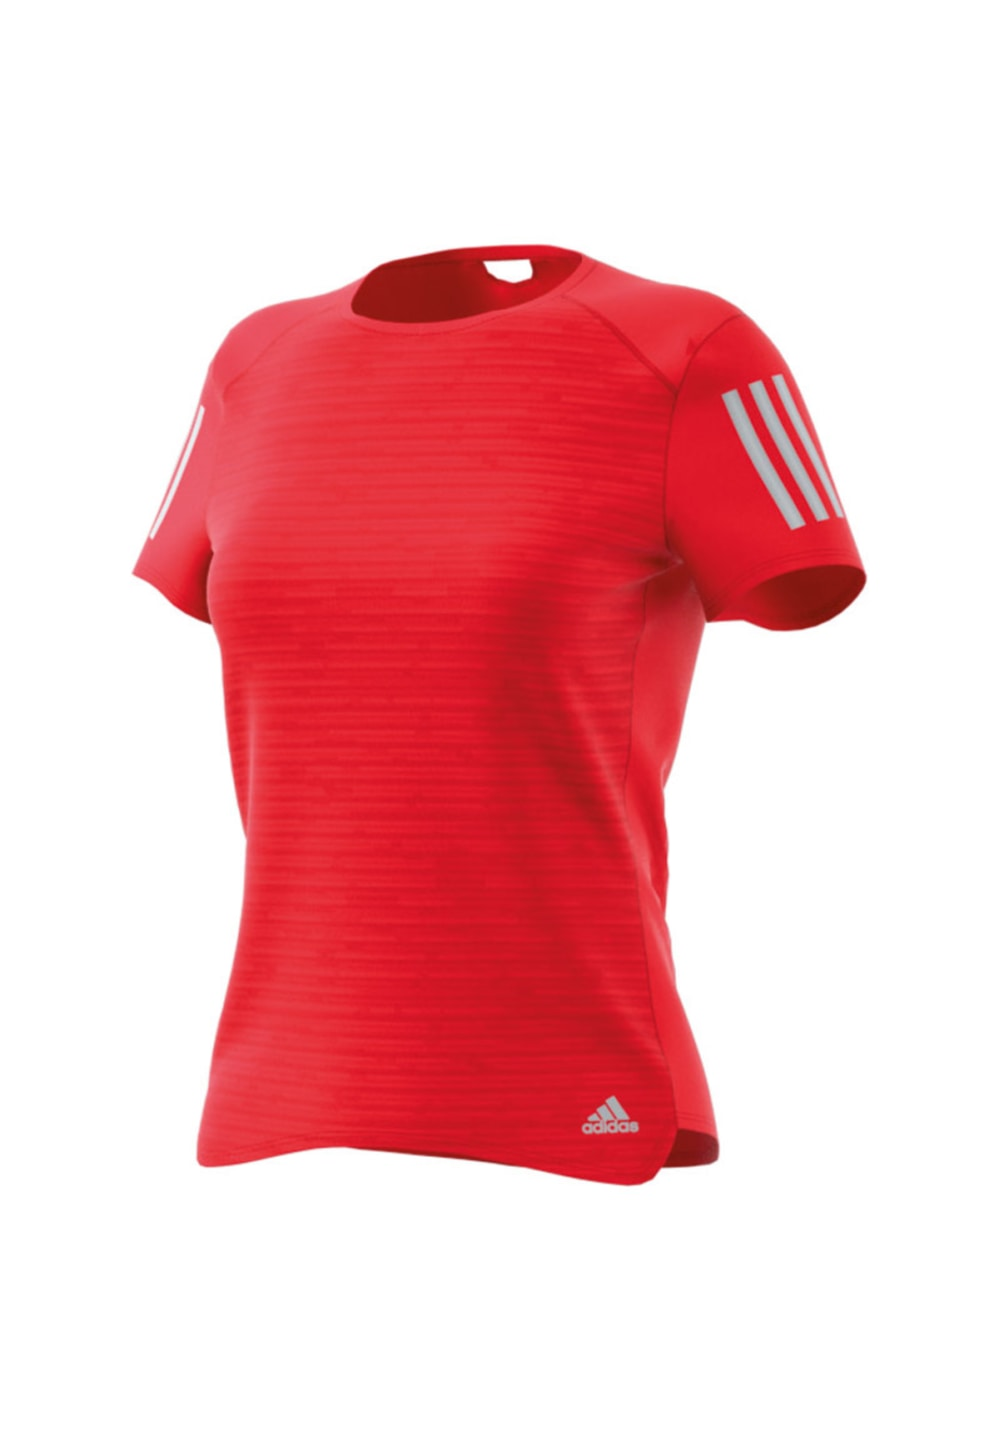 adidas Response Short Sleeve Tee - Laufshirts für Damen - Rot